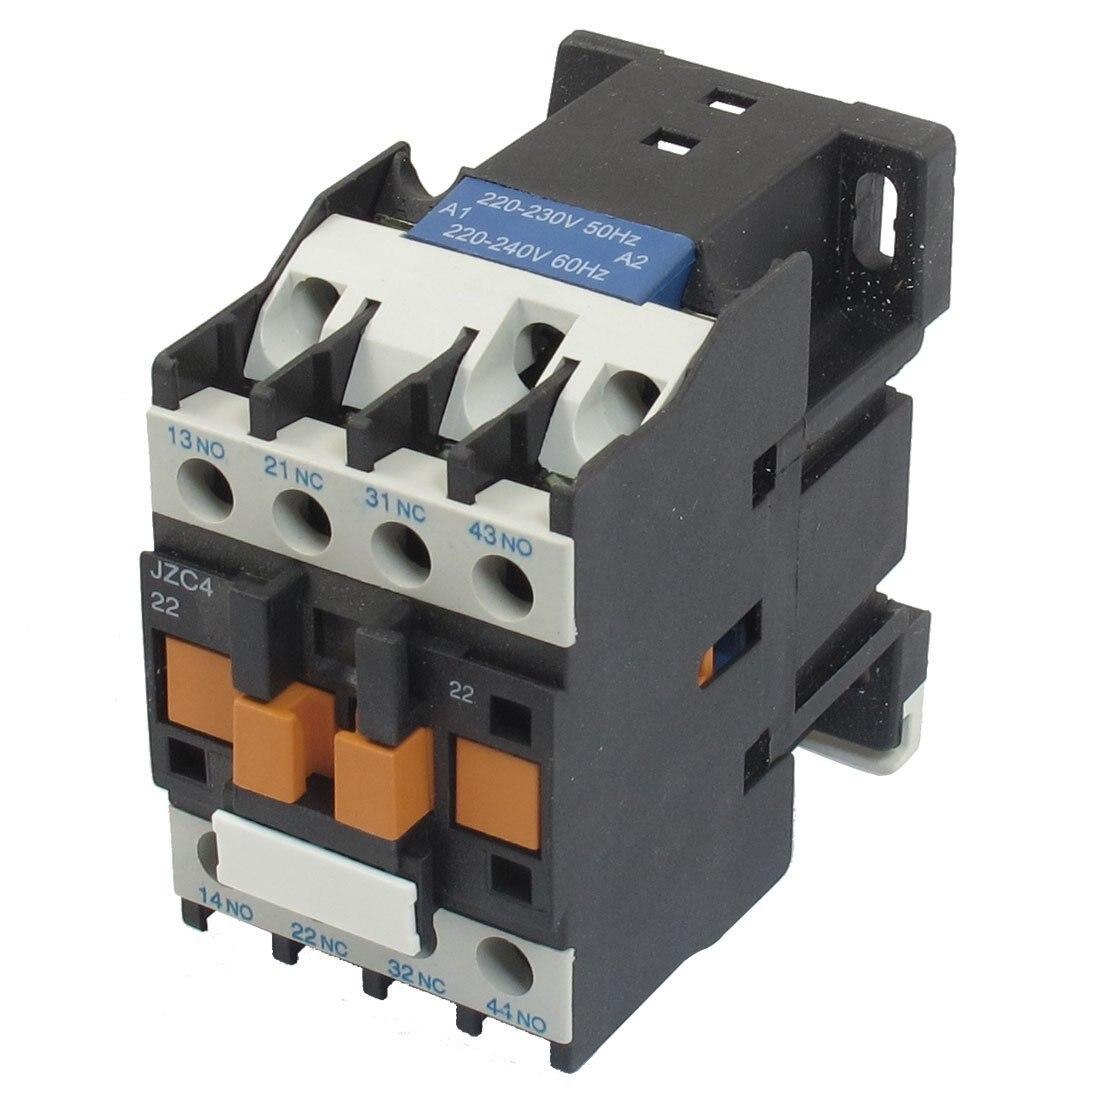 JZC4-22 220-240 V 50/60Hz Bobine 20A 2 P Trois Pôle 2NO 2NC AC Contacteur